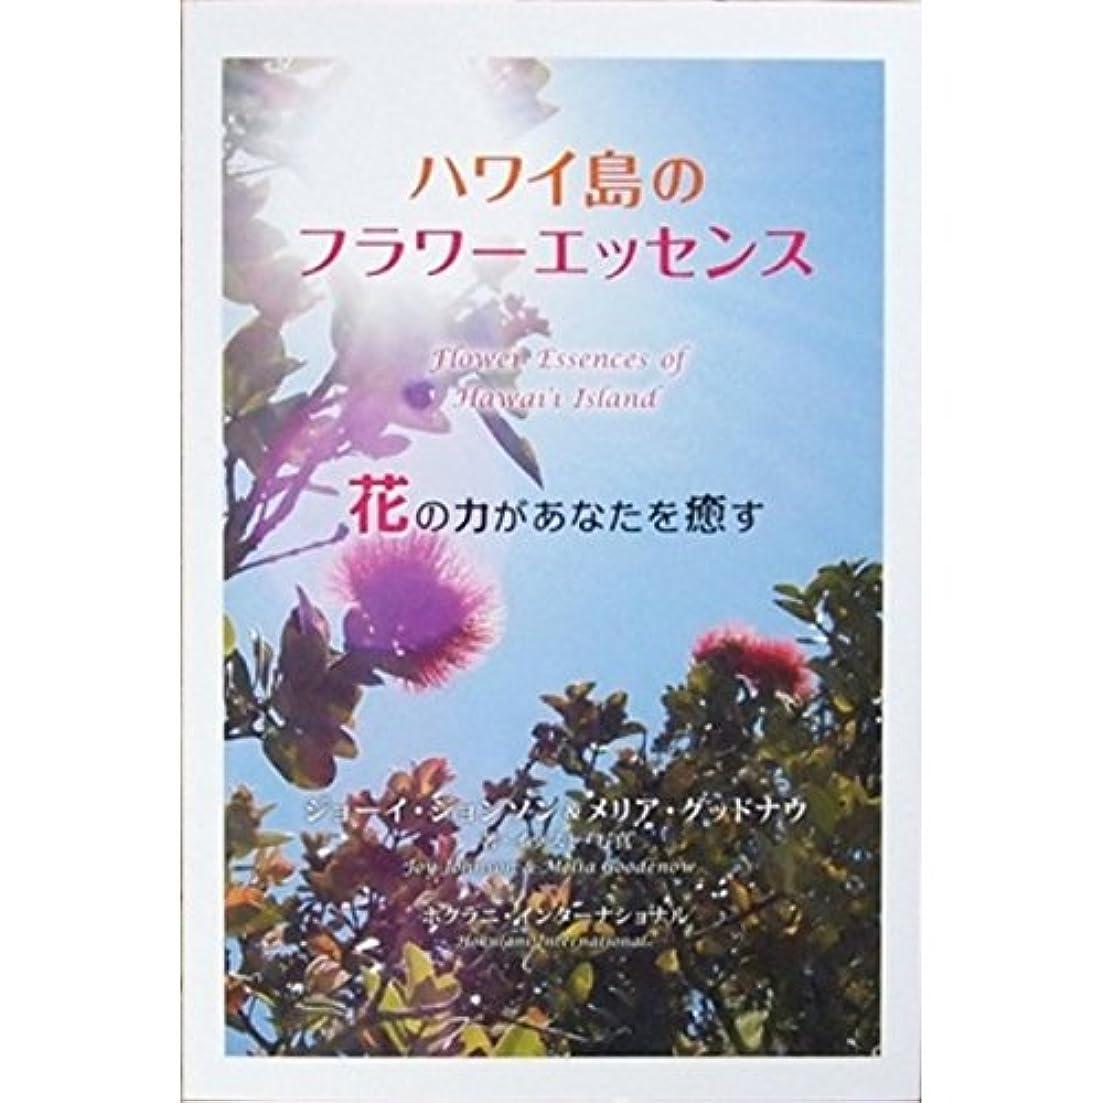 甘味保護更新するハワイアン レインフォレスト ナチュラルズ 書籍『ハワイ島のフラワーエッセンス 花の力があなたを癒す』